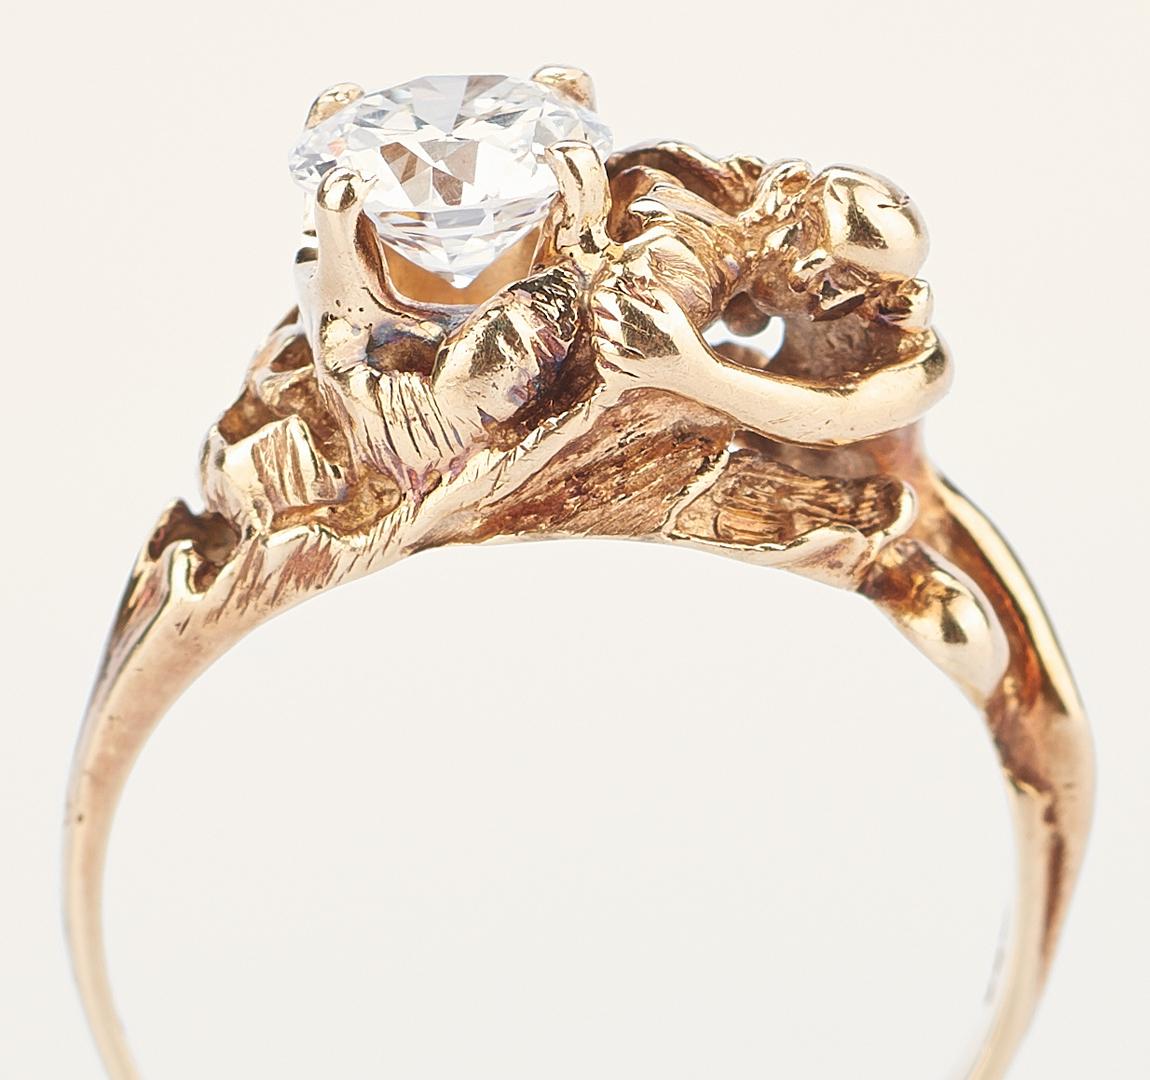 Lot 924: Diamond Solitaire Ring w/ Art Nouveau Gold Setting